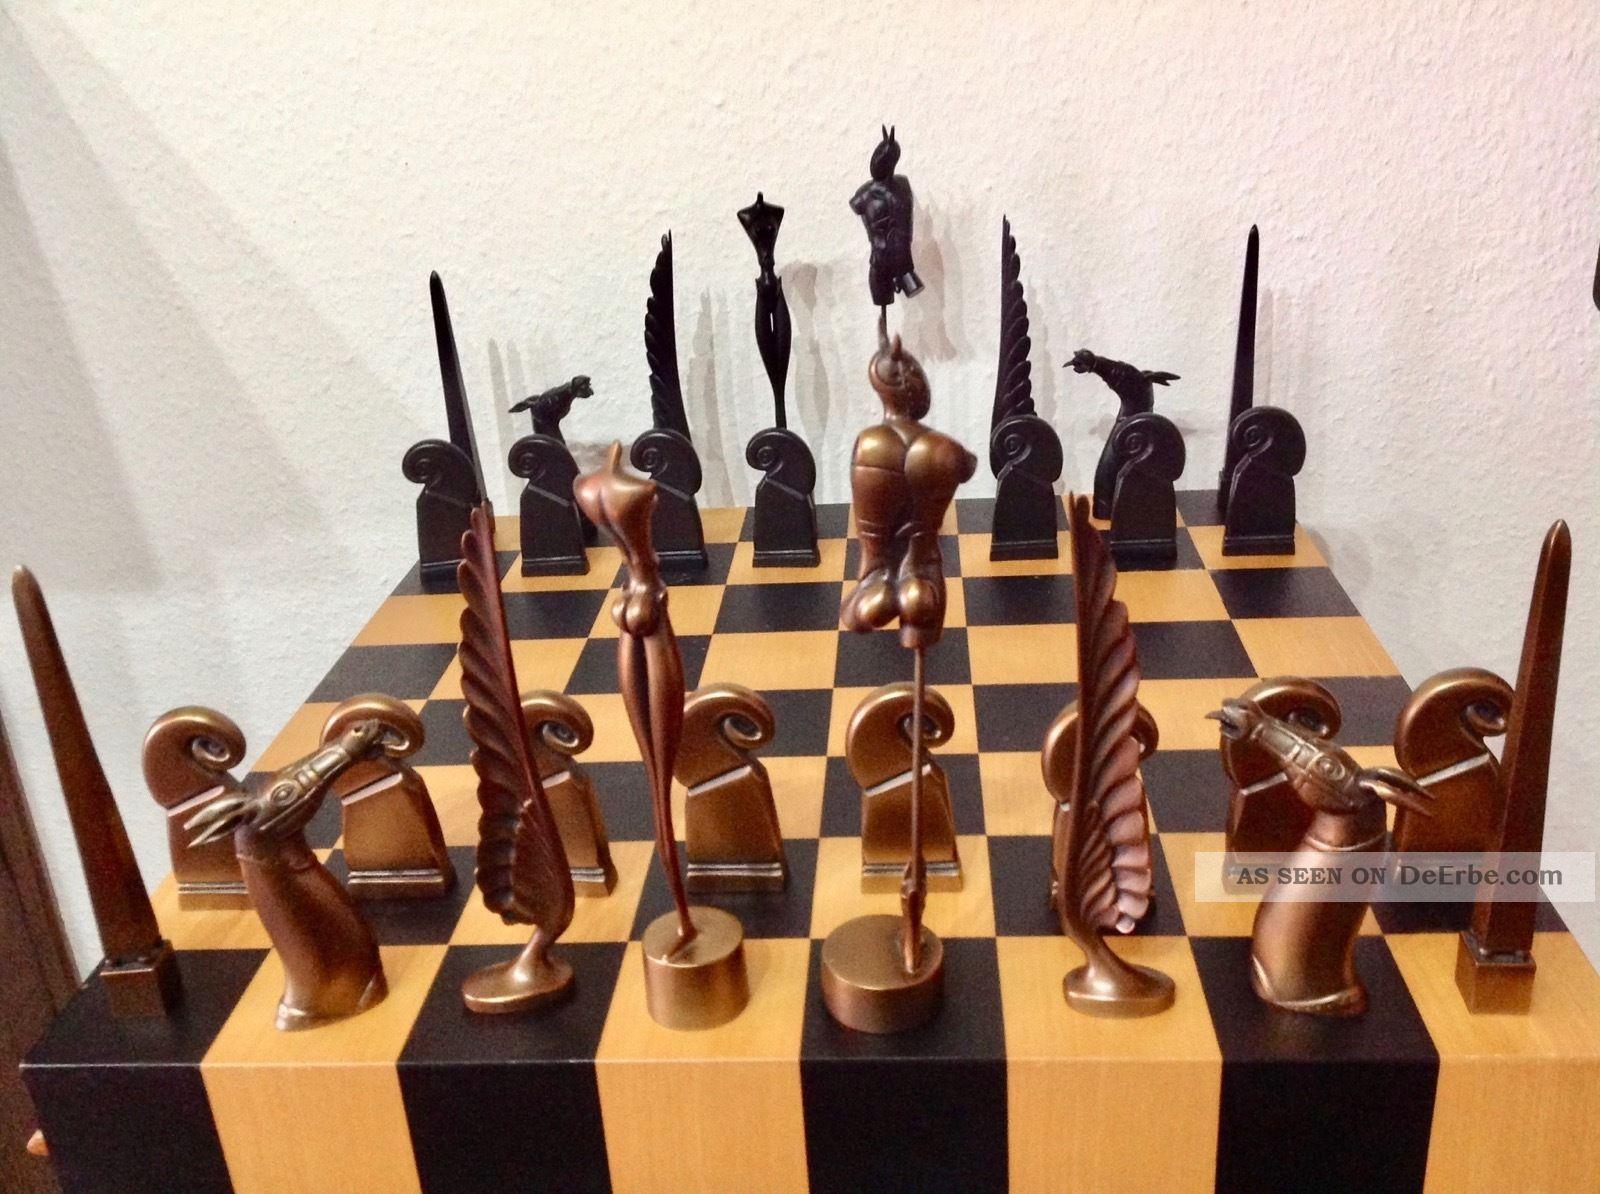 Paul Wunderlich - Schachspiel - Bronze Figuren / Skulpturen 1950-1999 Bild